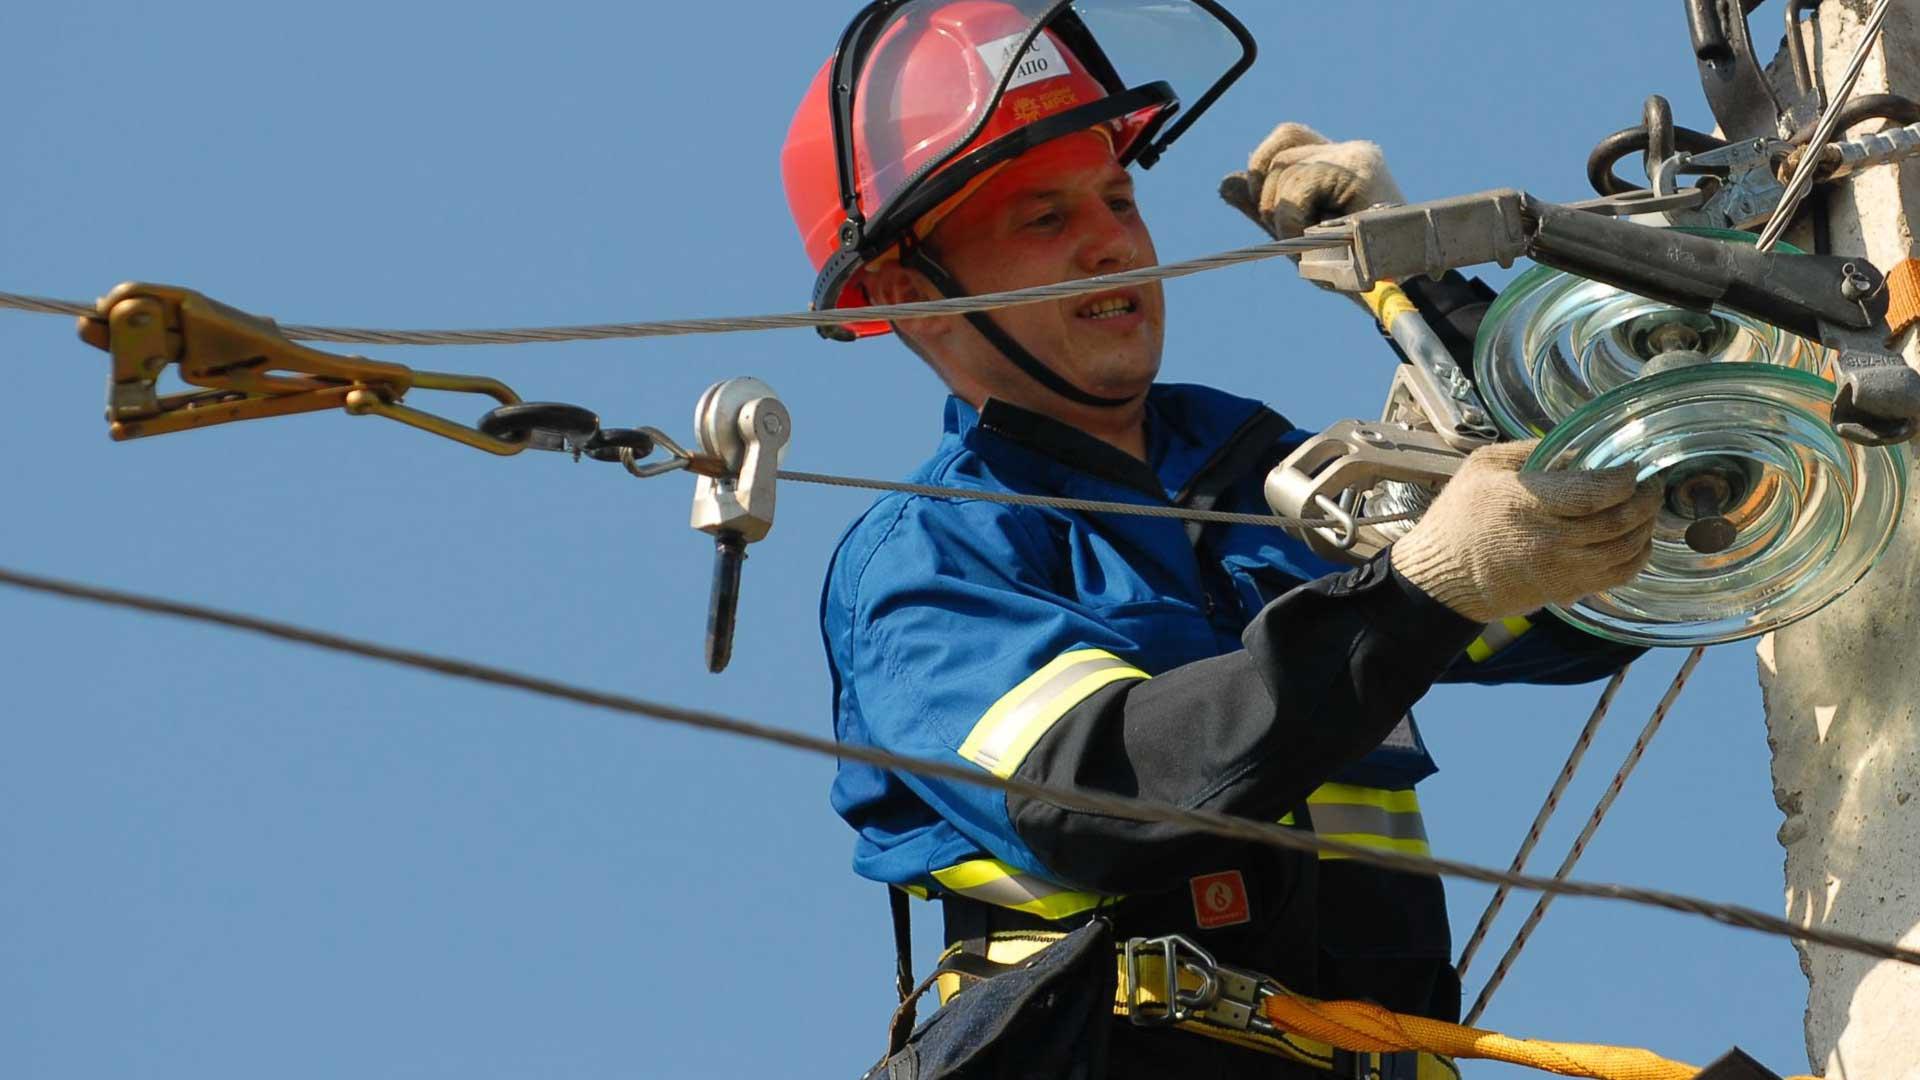 Обучение по электробезопасности с получением удостоверение на допуск к работе с электрооборудованием со 2,3,4,5 группой допуска